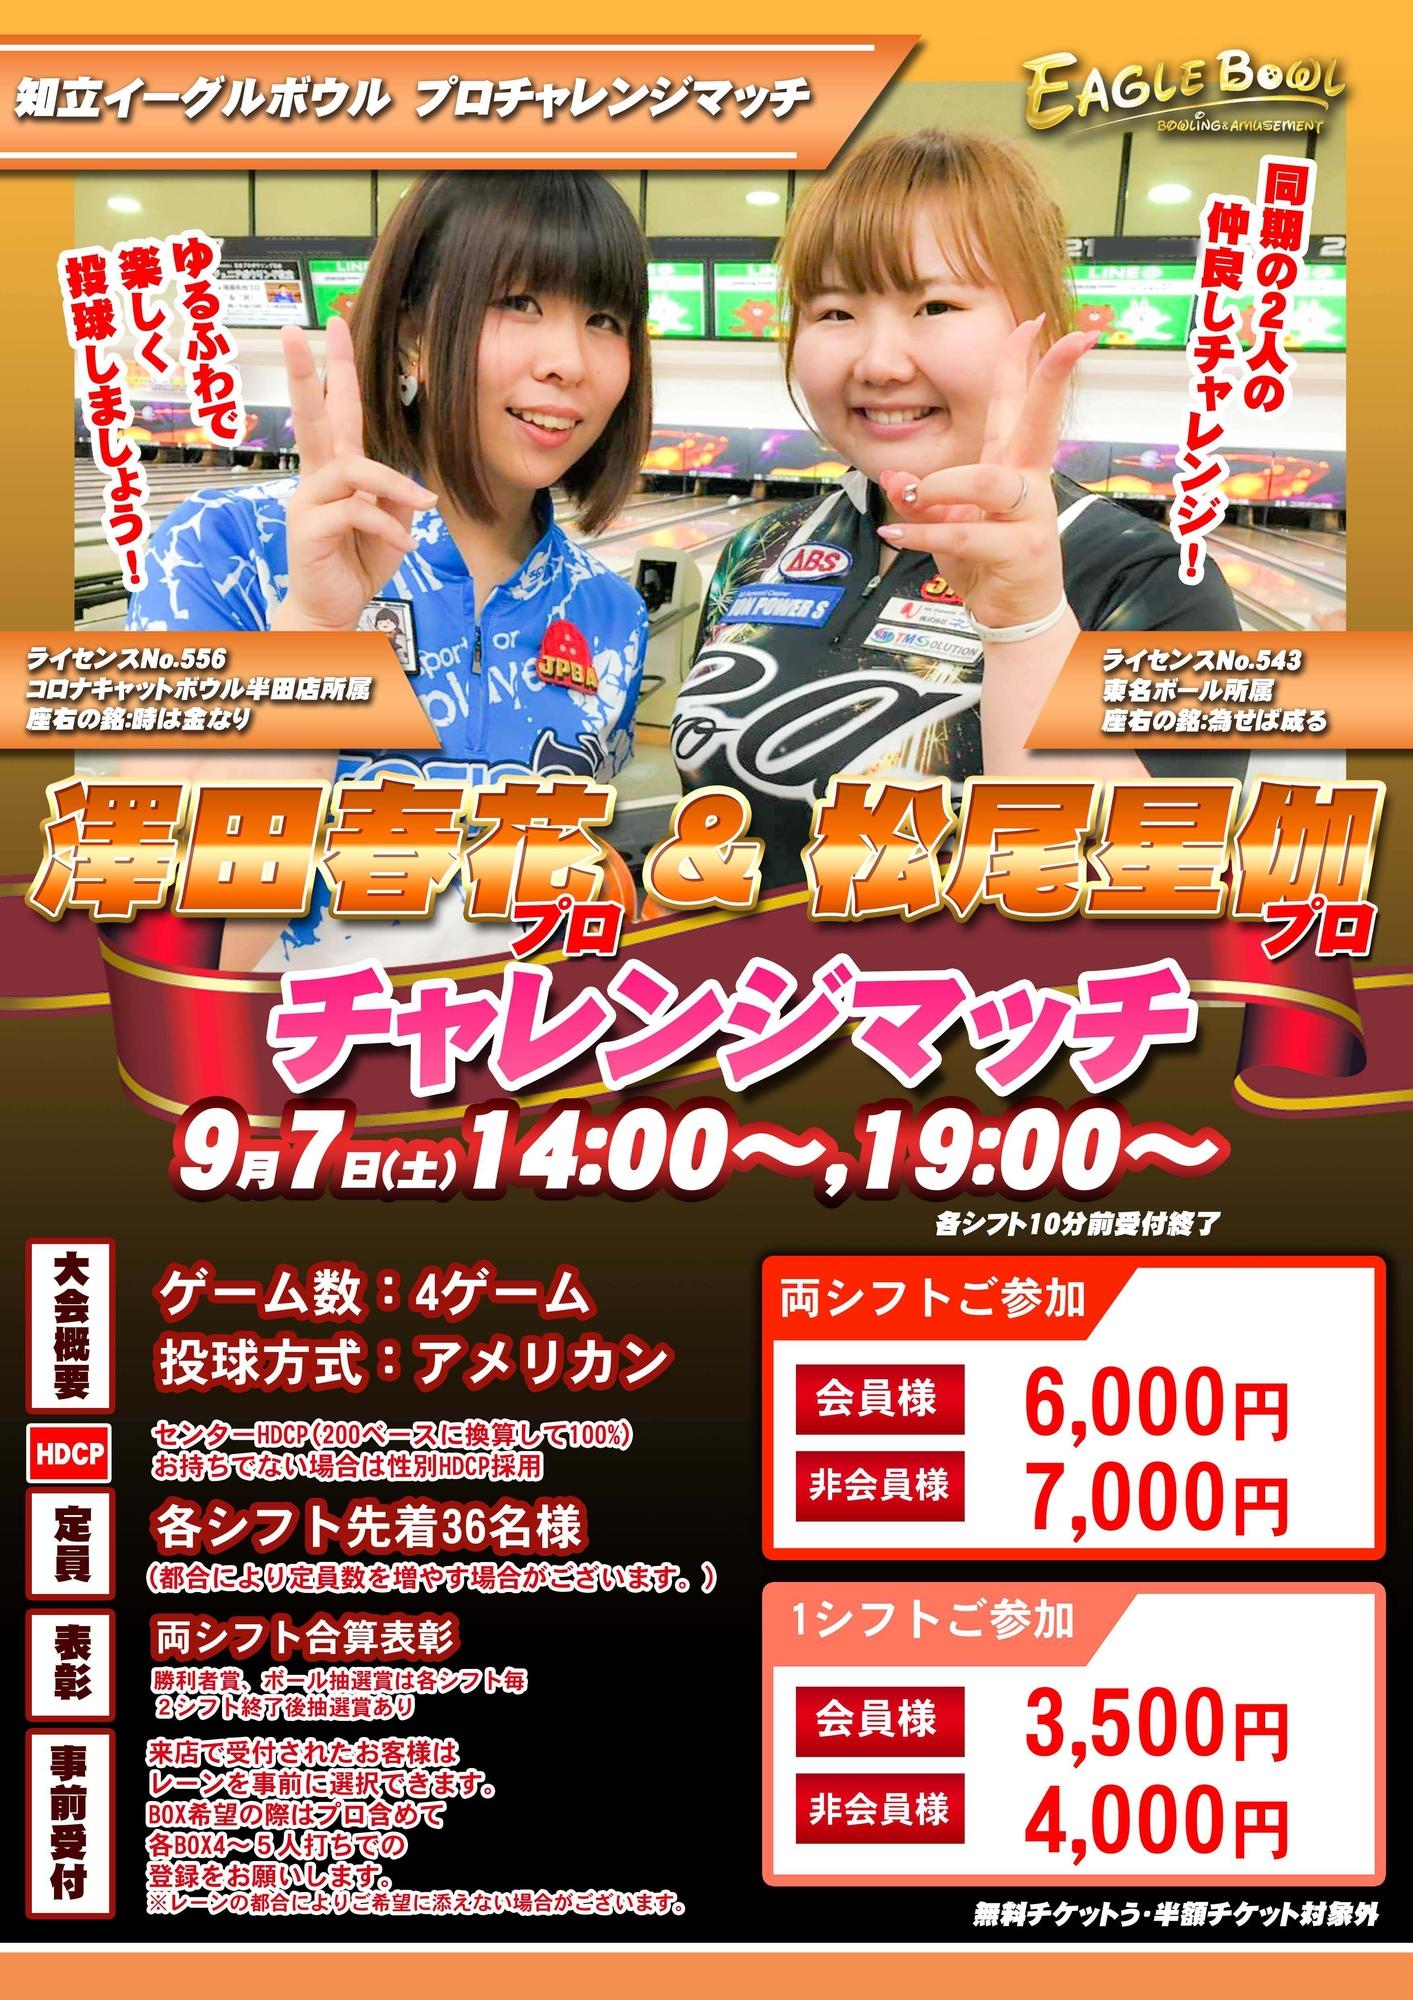 9/7 松尾星伽プロ&澤田春花プロチャレンジ